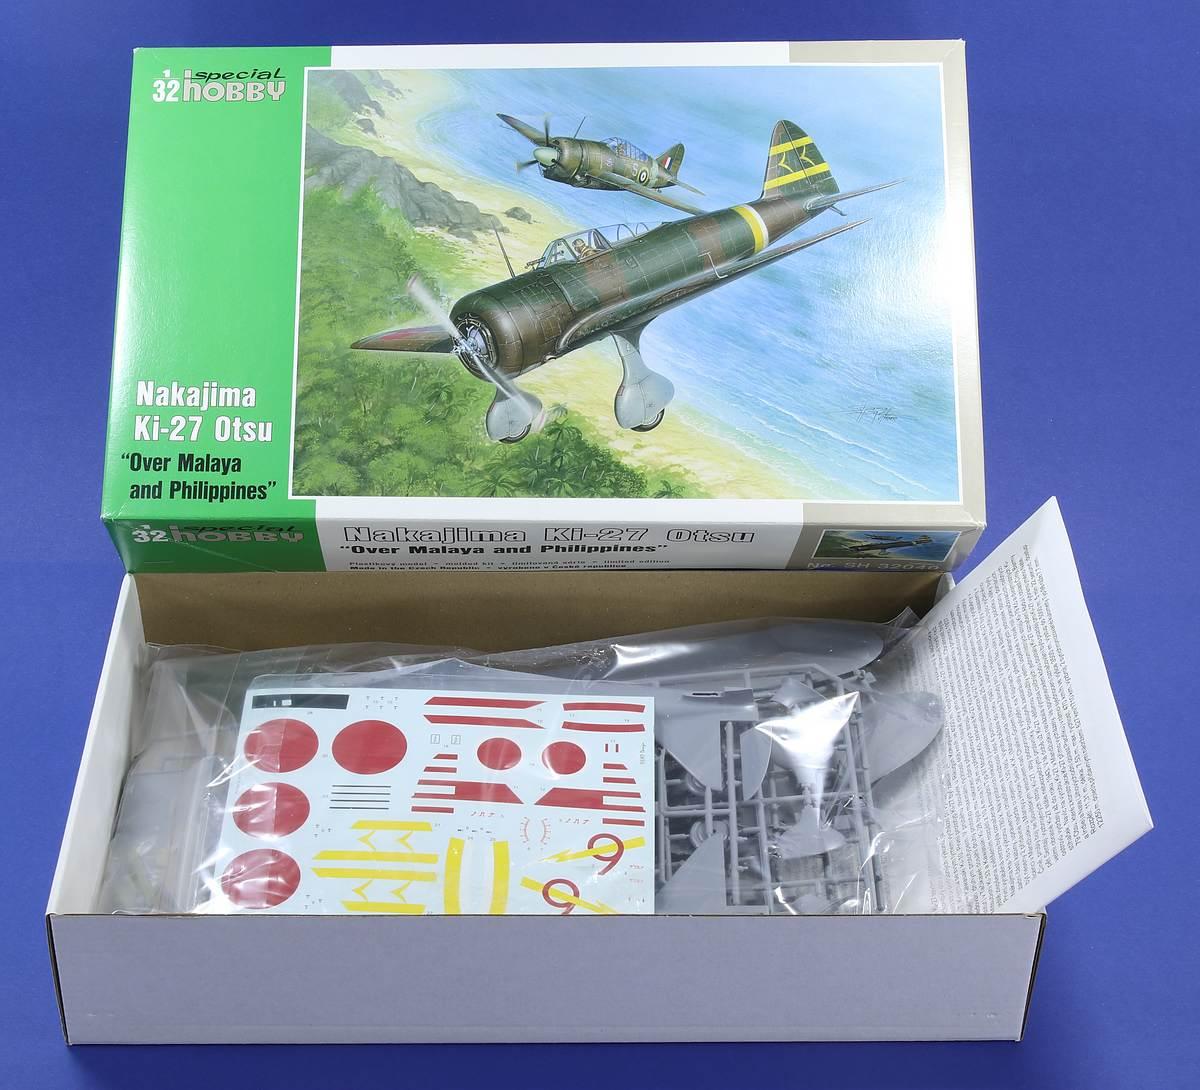 Special-Hobby-32040-Ki-27-Nate-27 Nakajima Ki-27 Nate in 1:32 von Special Hobby # 32040